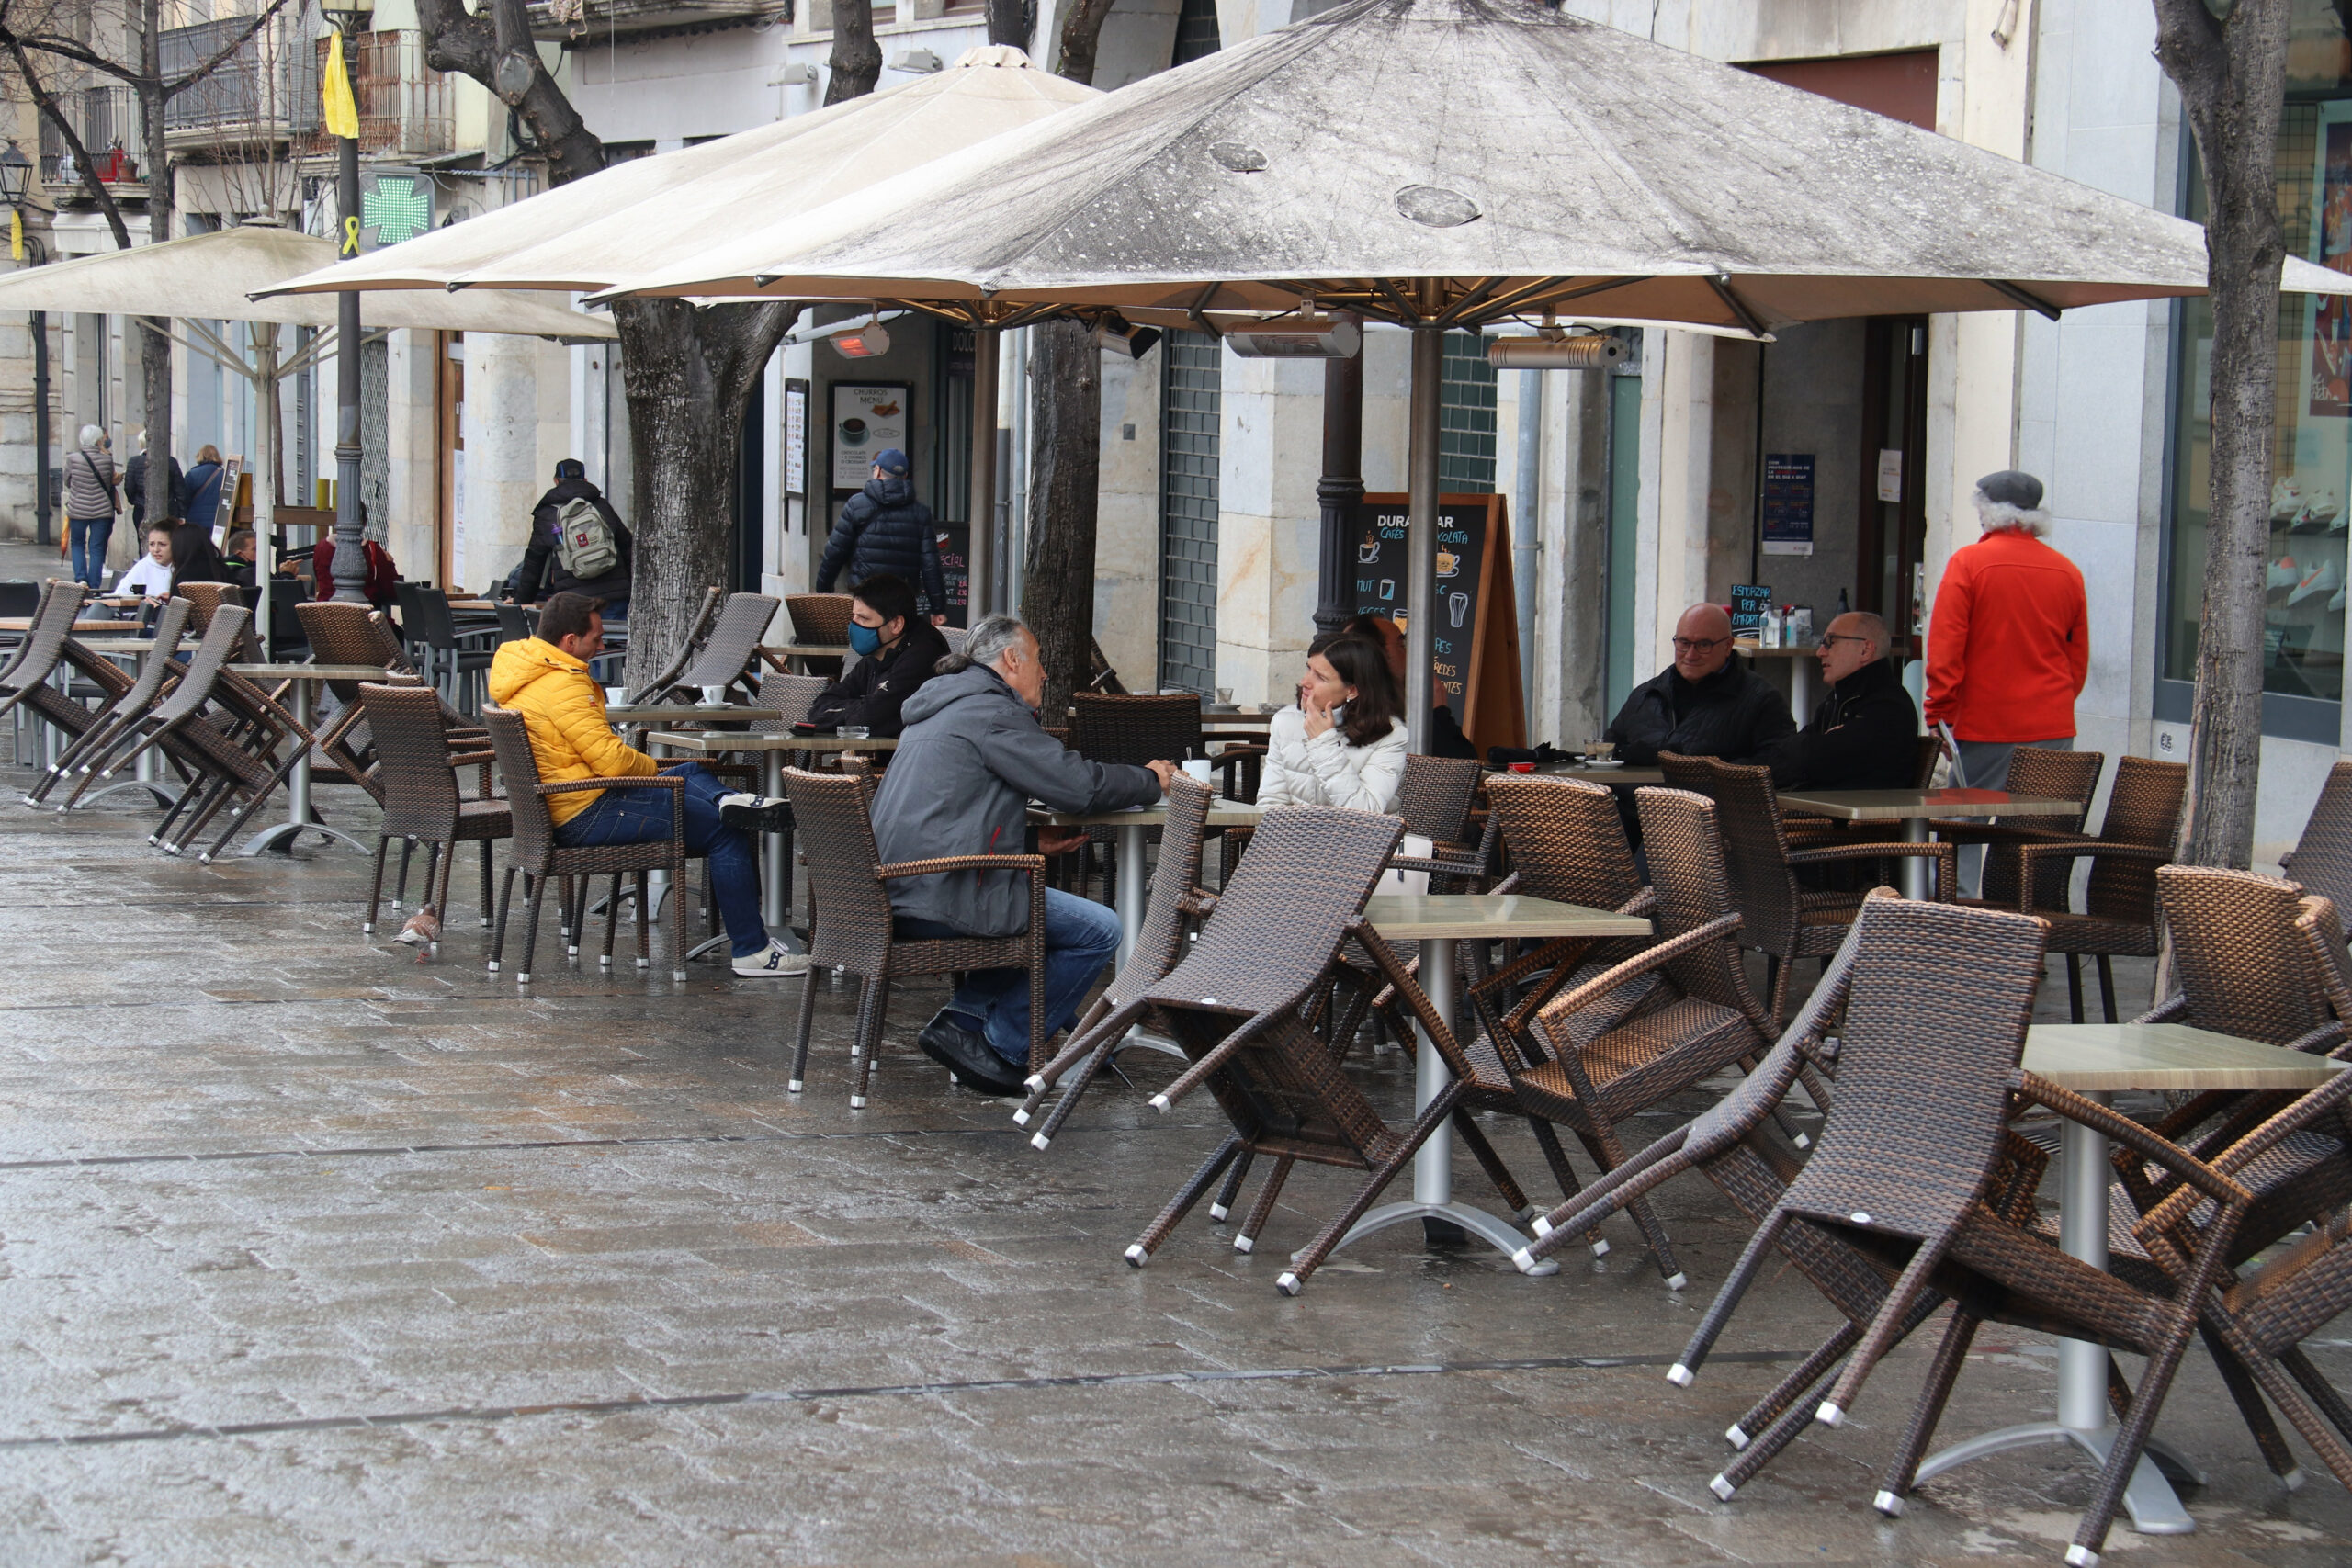 Algunes terrasses de la Rambla de Girona a mig matí amb gent esmorzant i fent el cafè | ACN